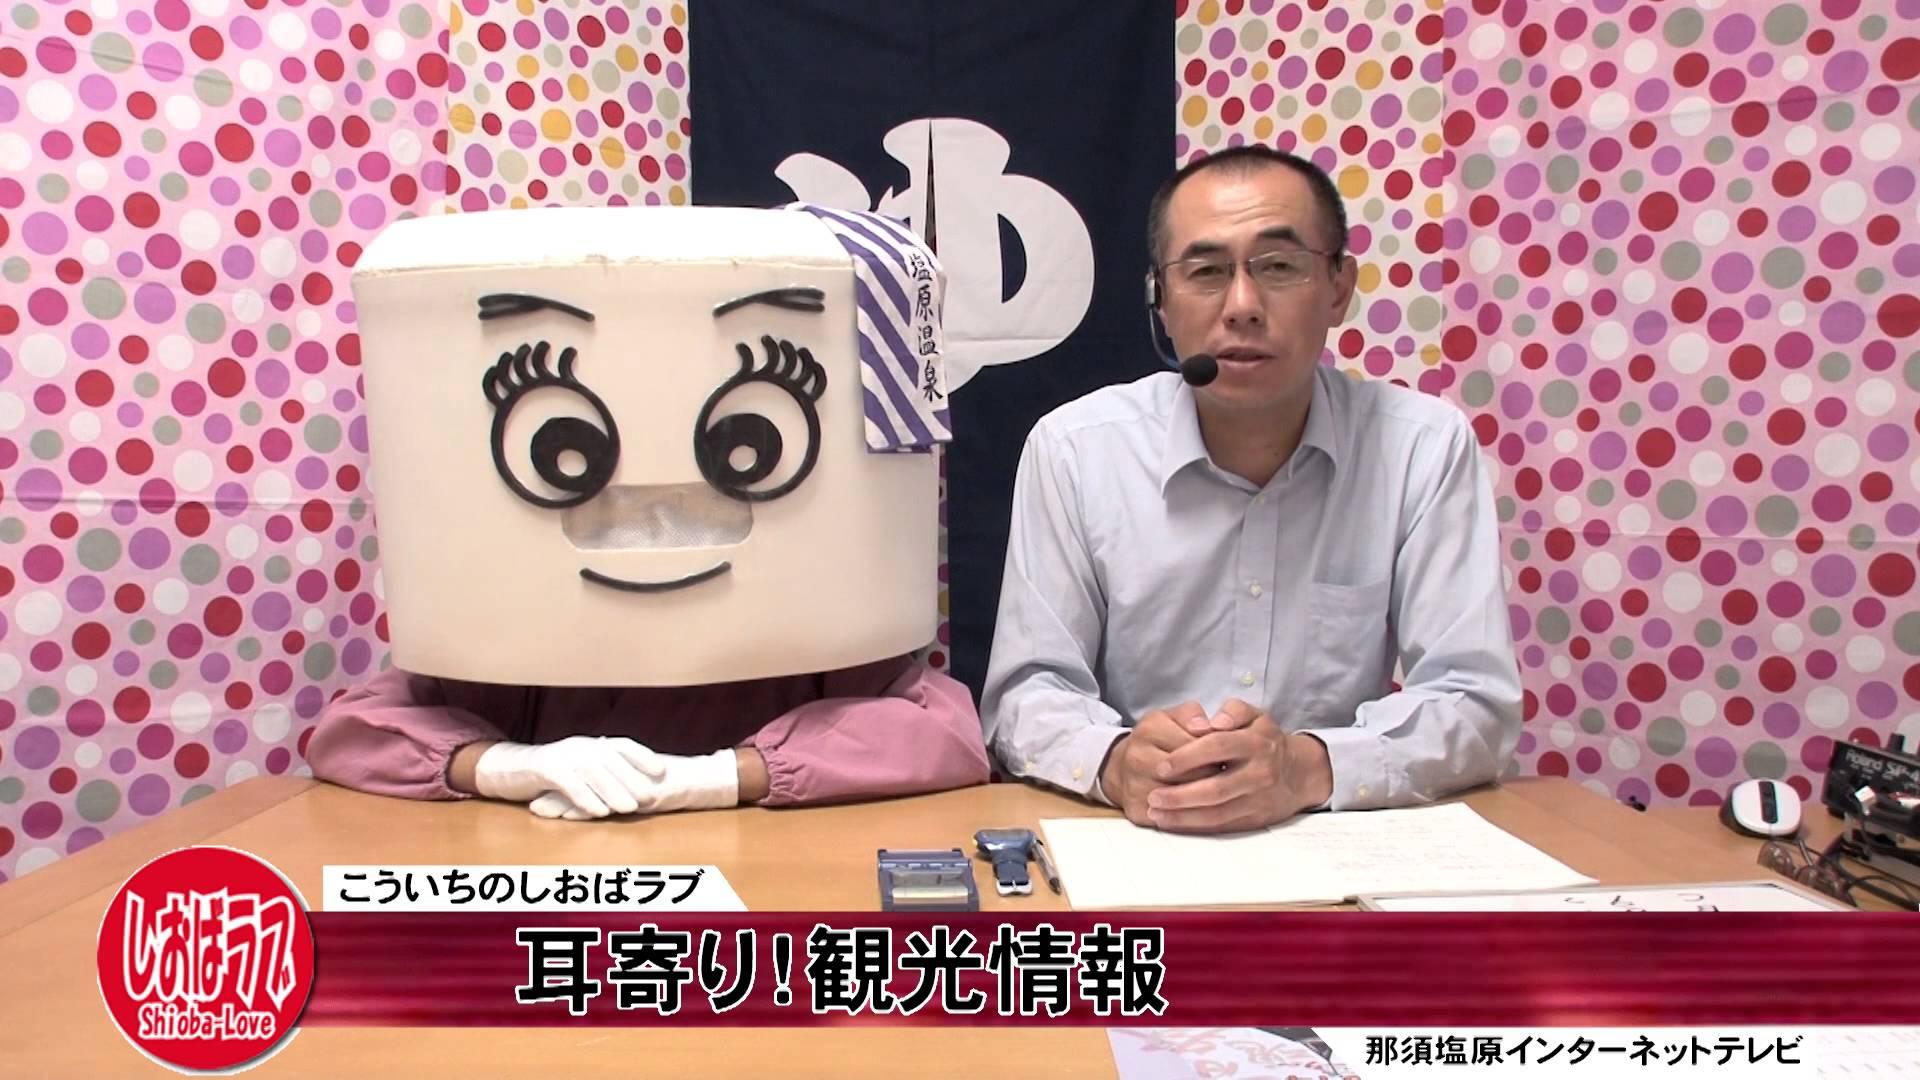 こういちのしおばラブ(塩原+LOVE)第147回